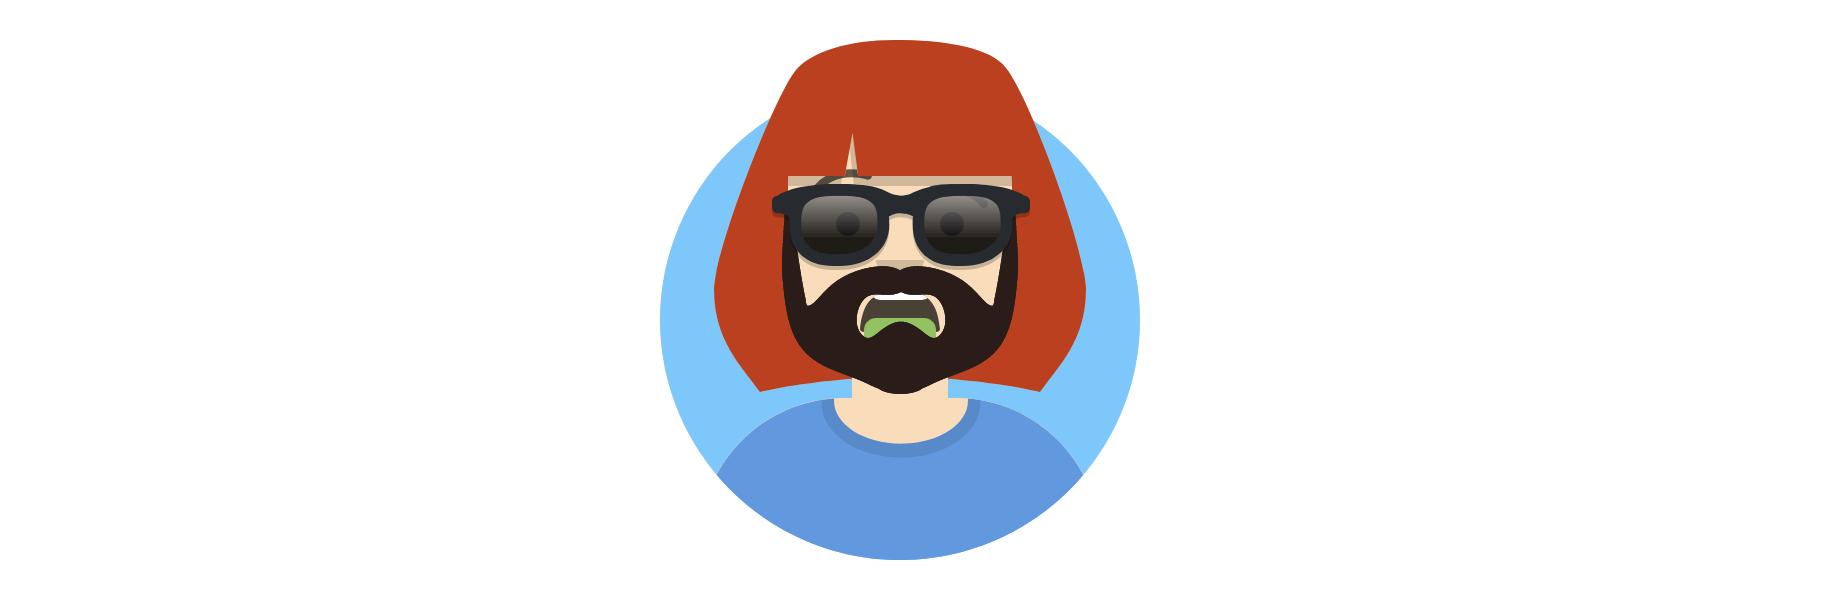 Un générateur pour créer un avatar au look sympa